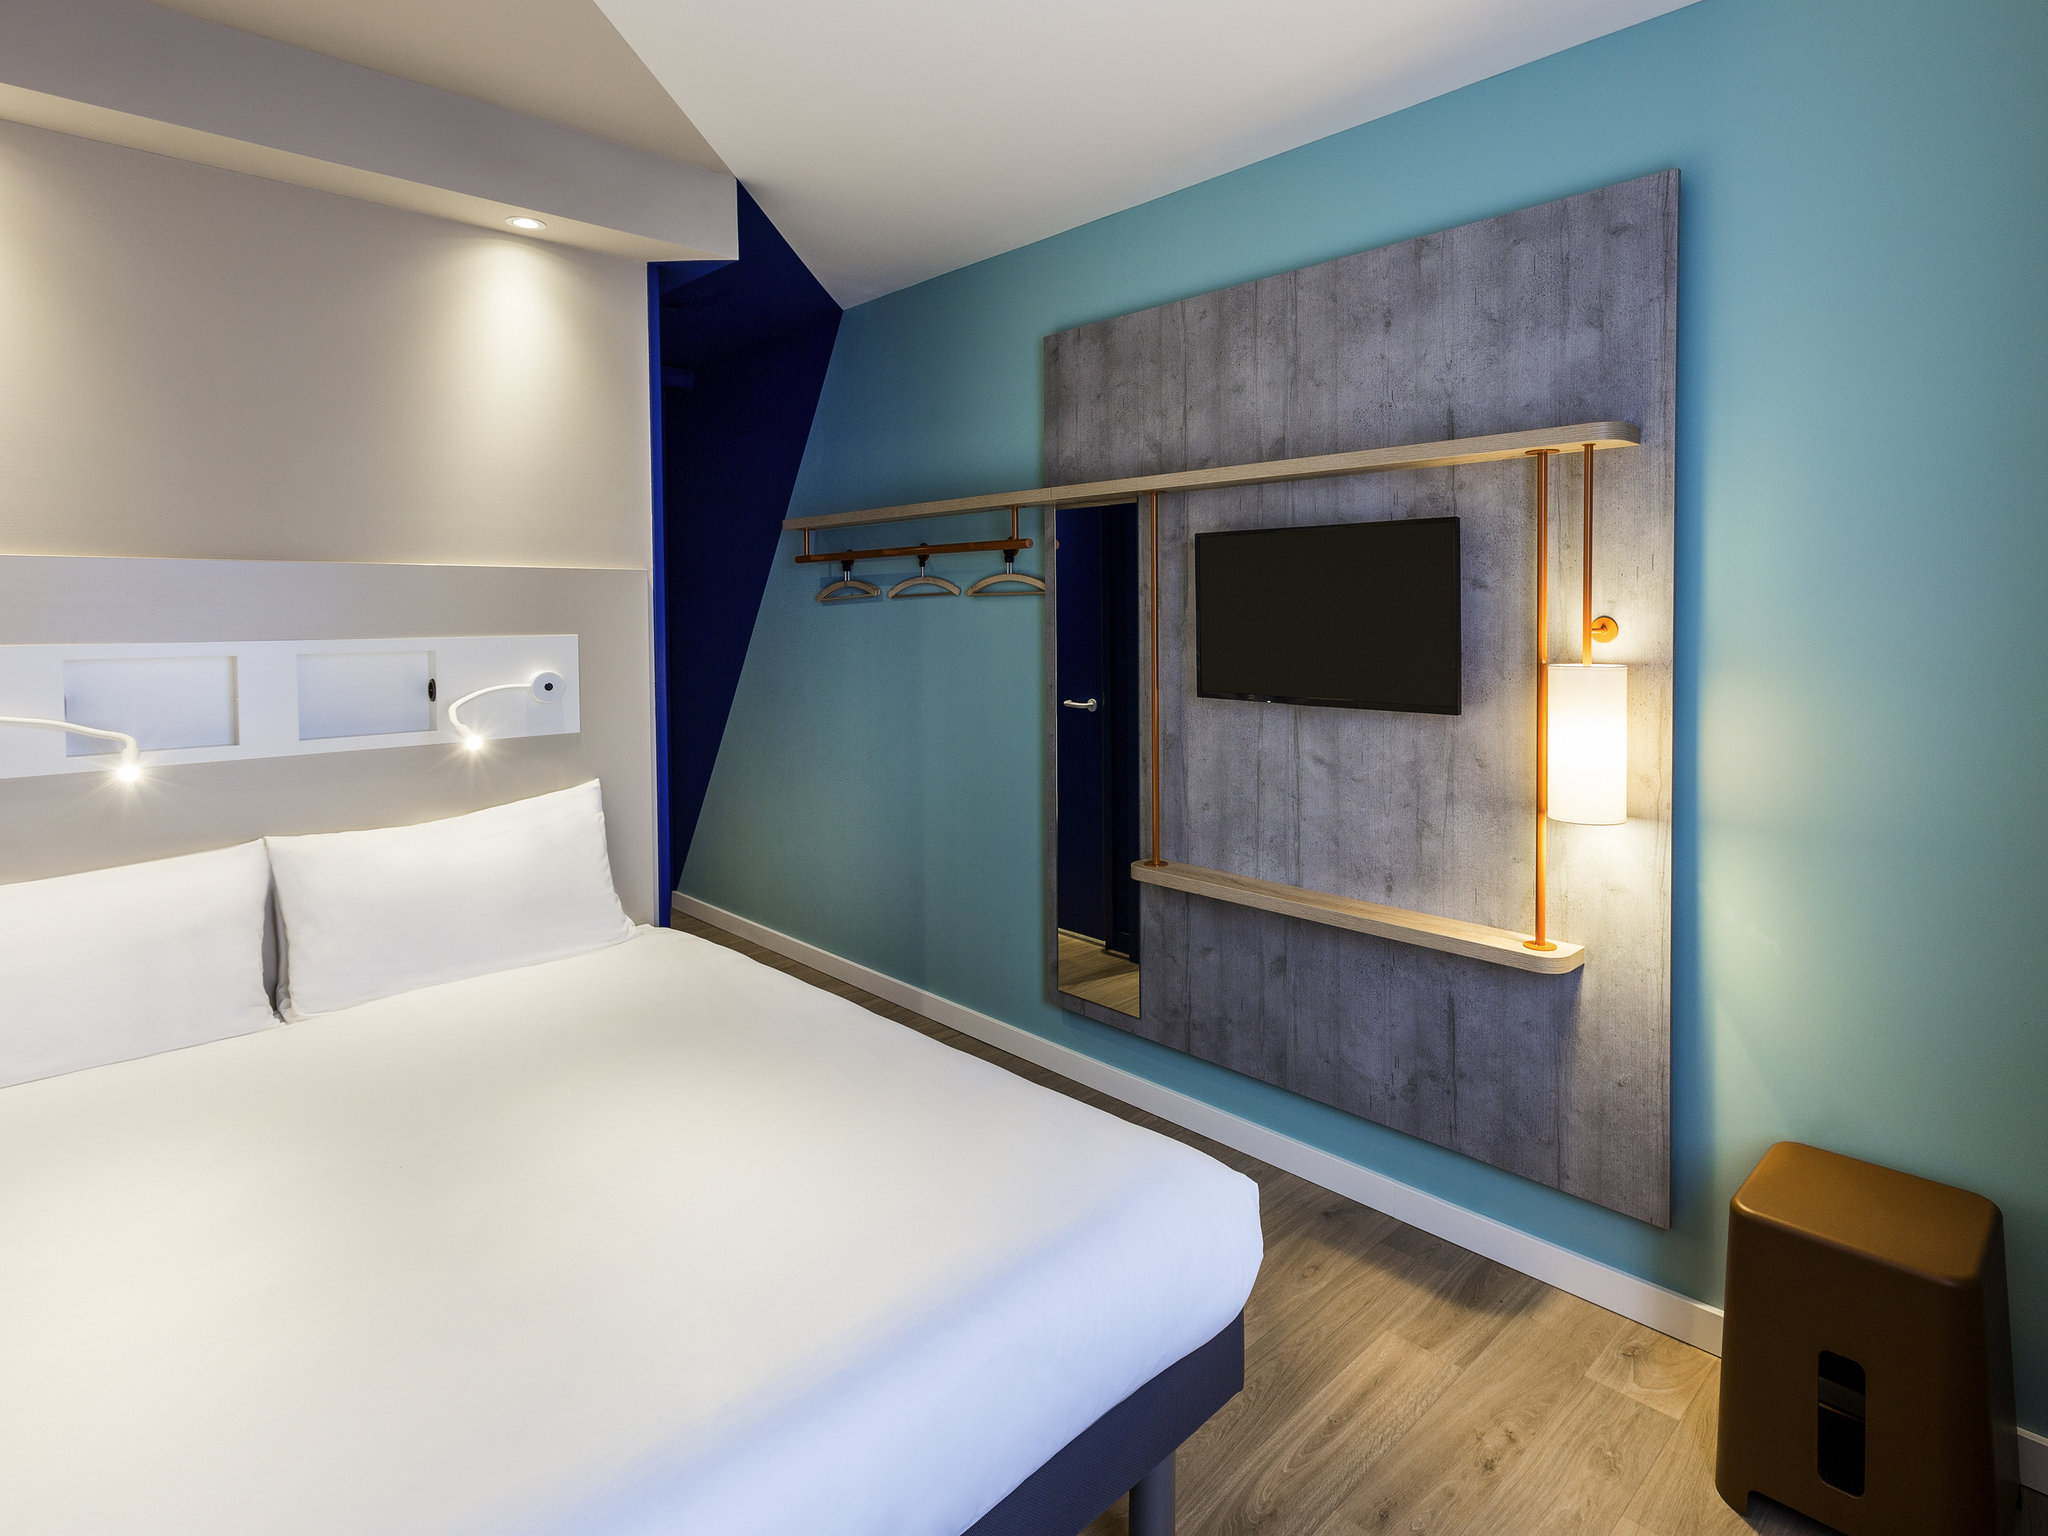 โรงแรม – ไอบิส บัดเจ็ท อัมสเตอร์ดัม ซิตี้ เซาท์